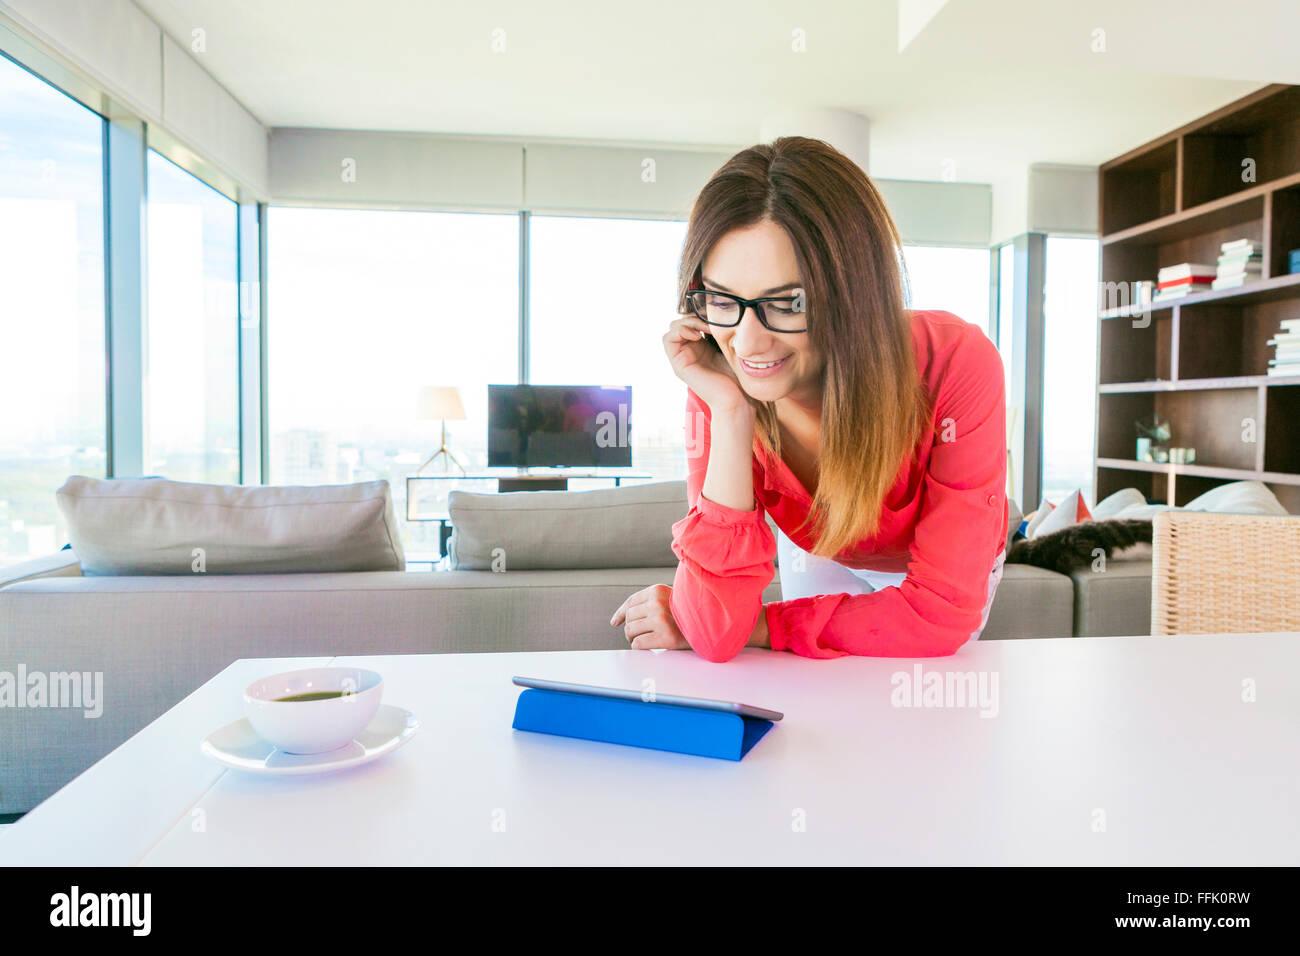 Donna in appartamento navigando in rete con tavoletta digitale Immagini Stock